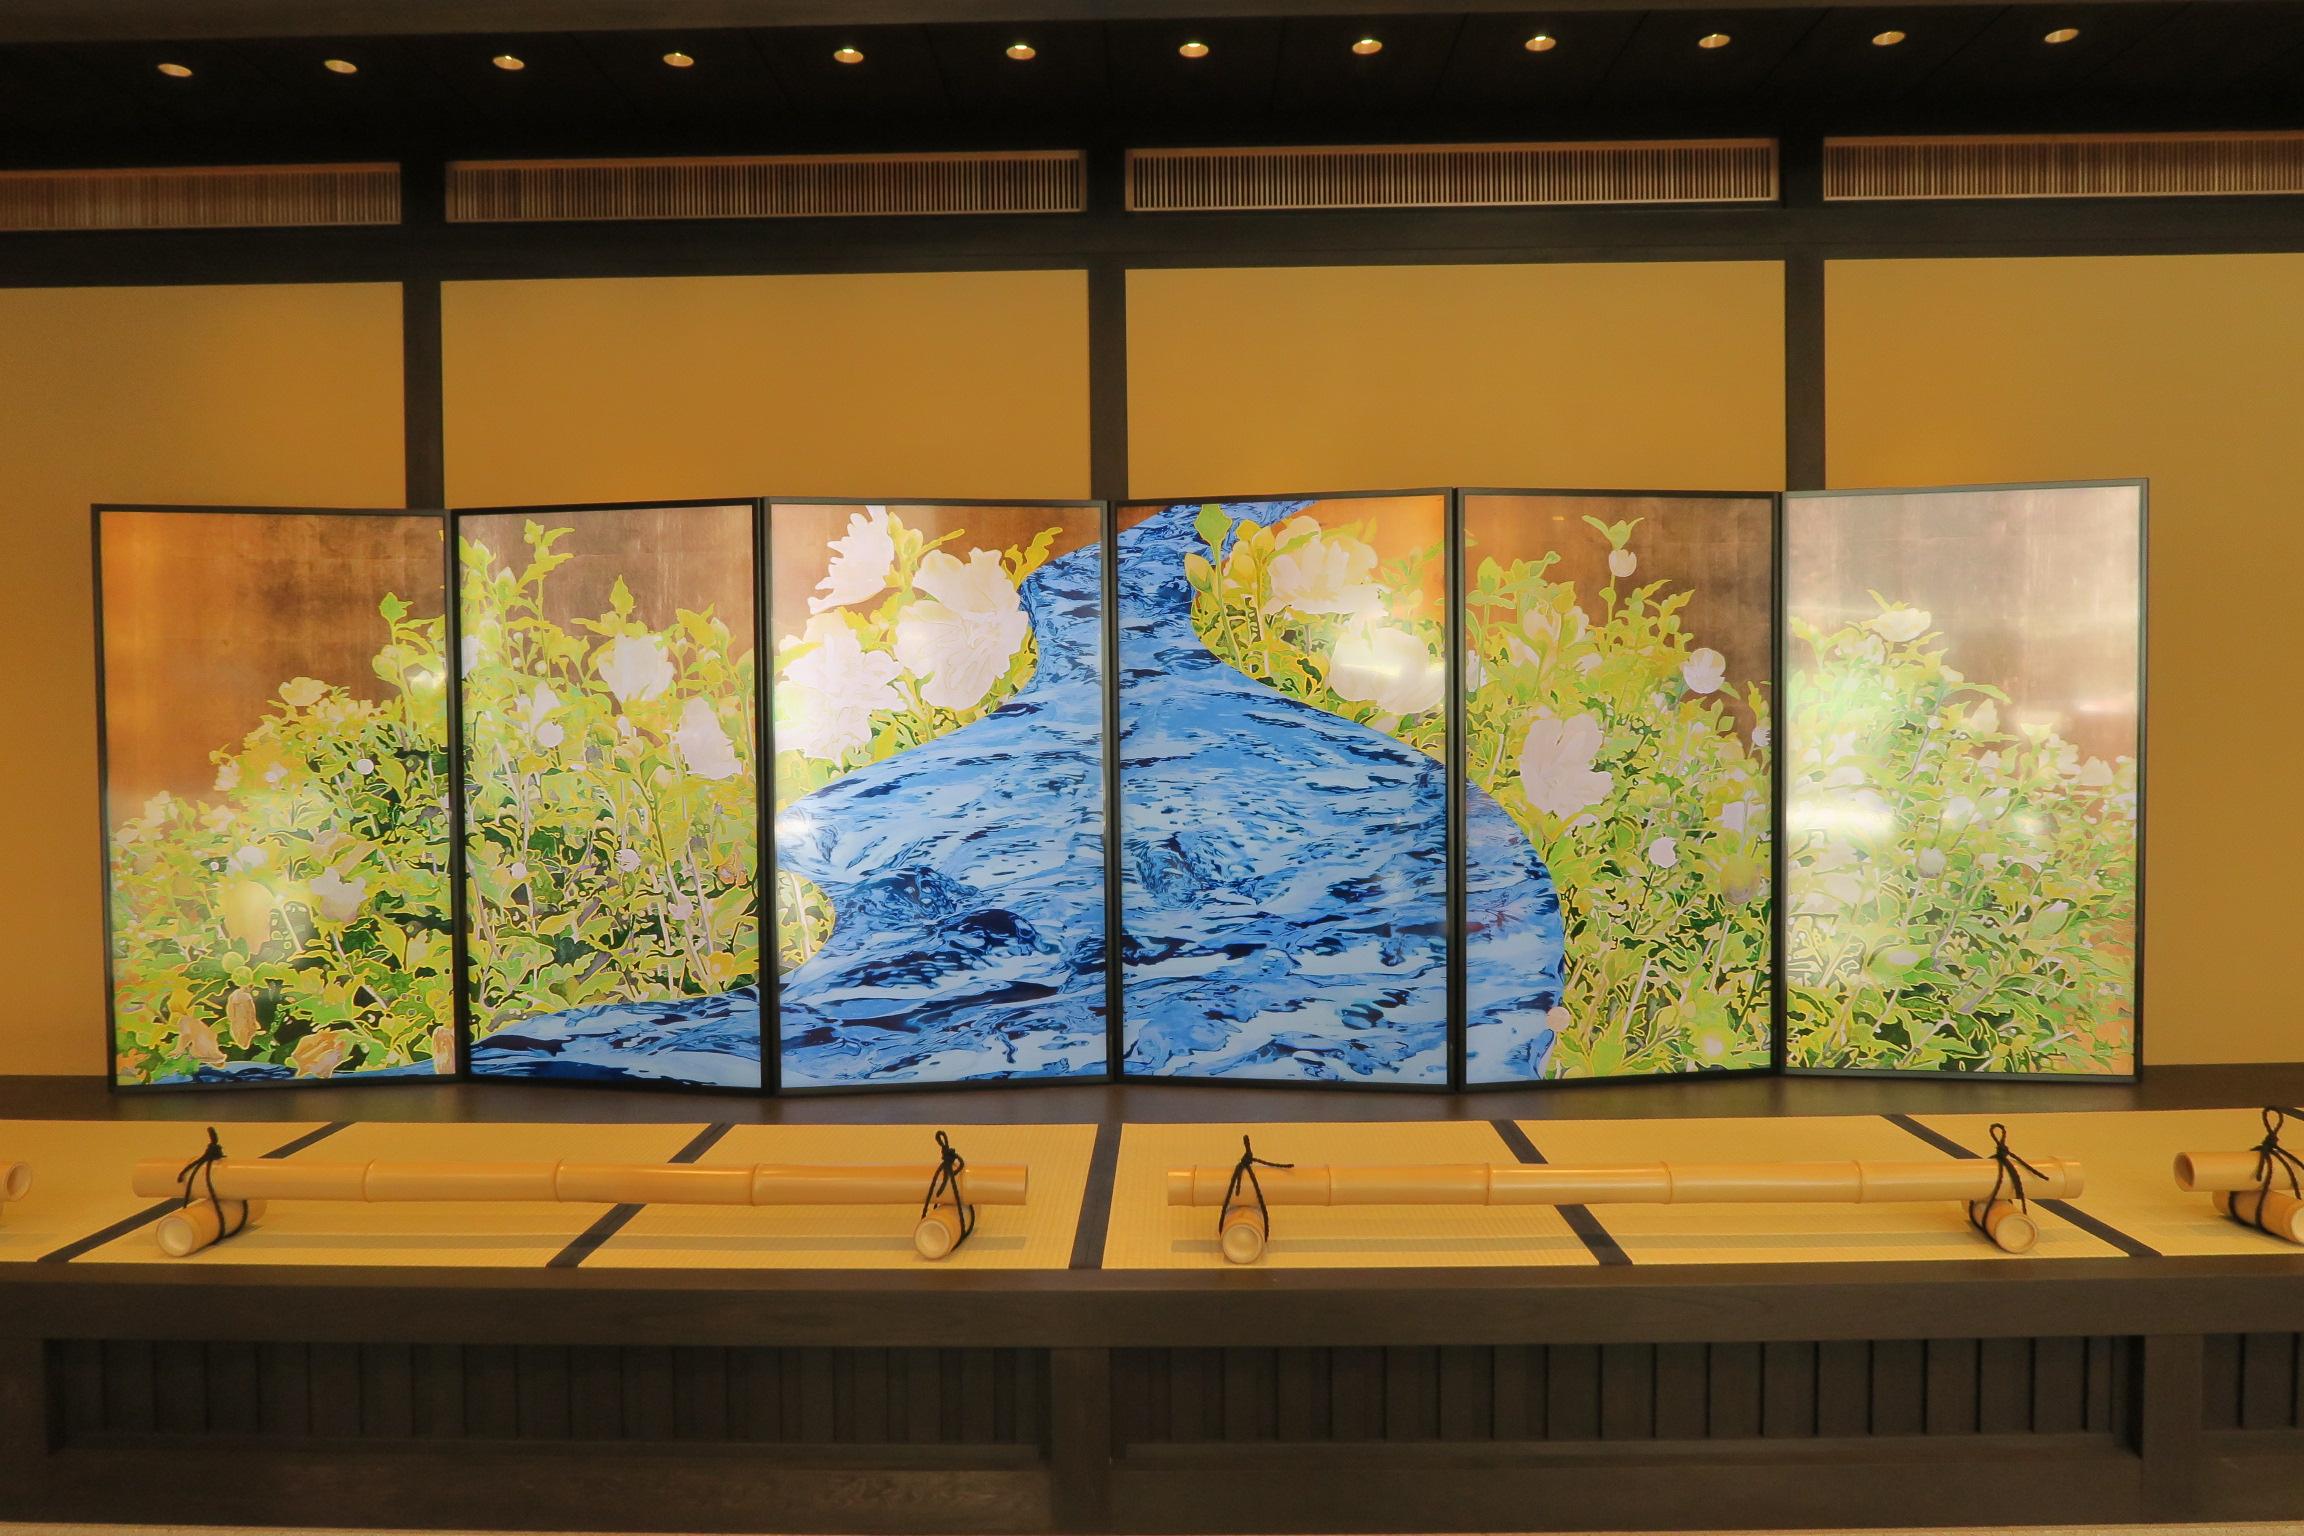 館内にある「祇園祭ギャラリー」。屏風が映像になっています。見ごたえあります。